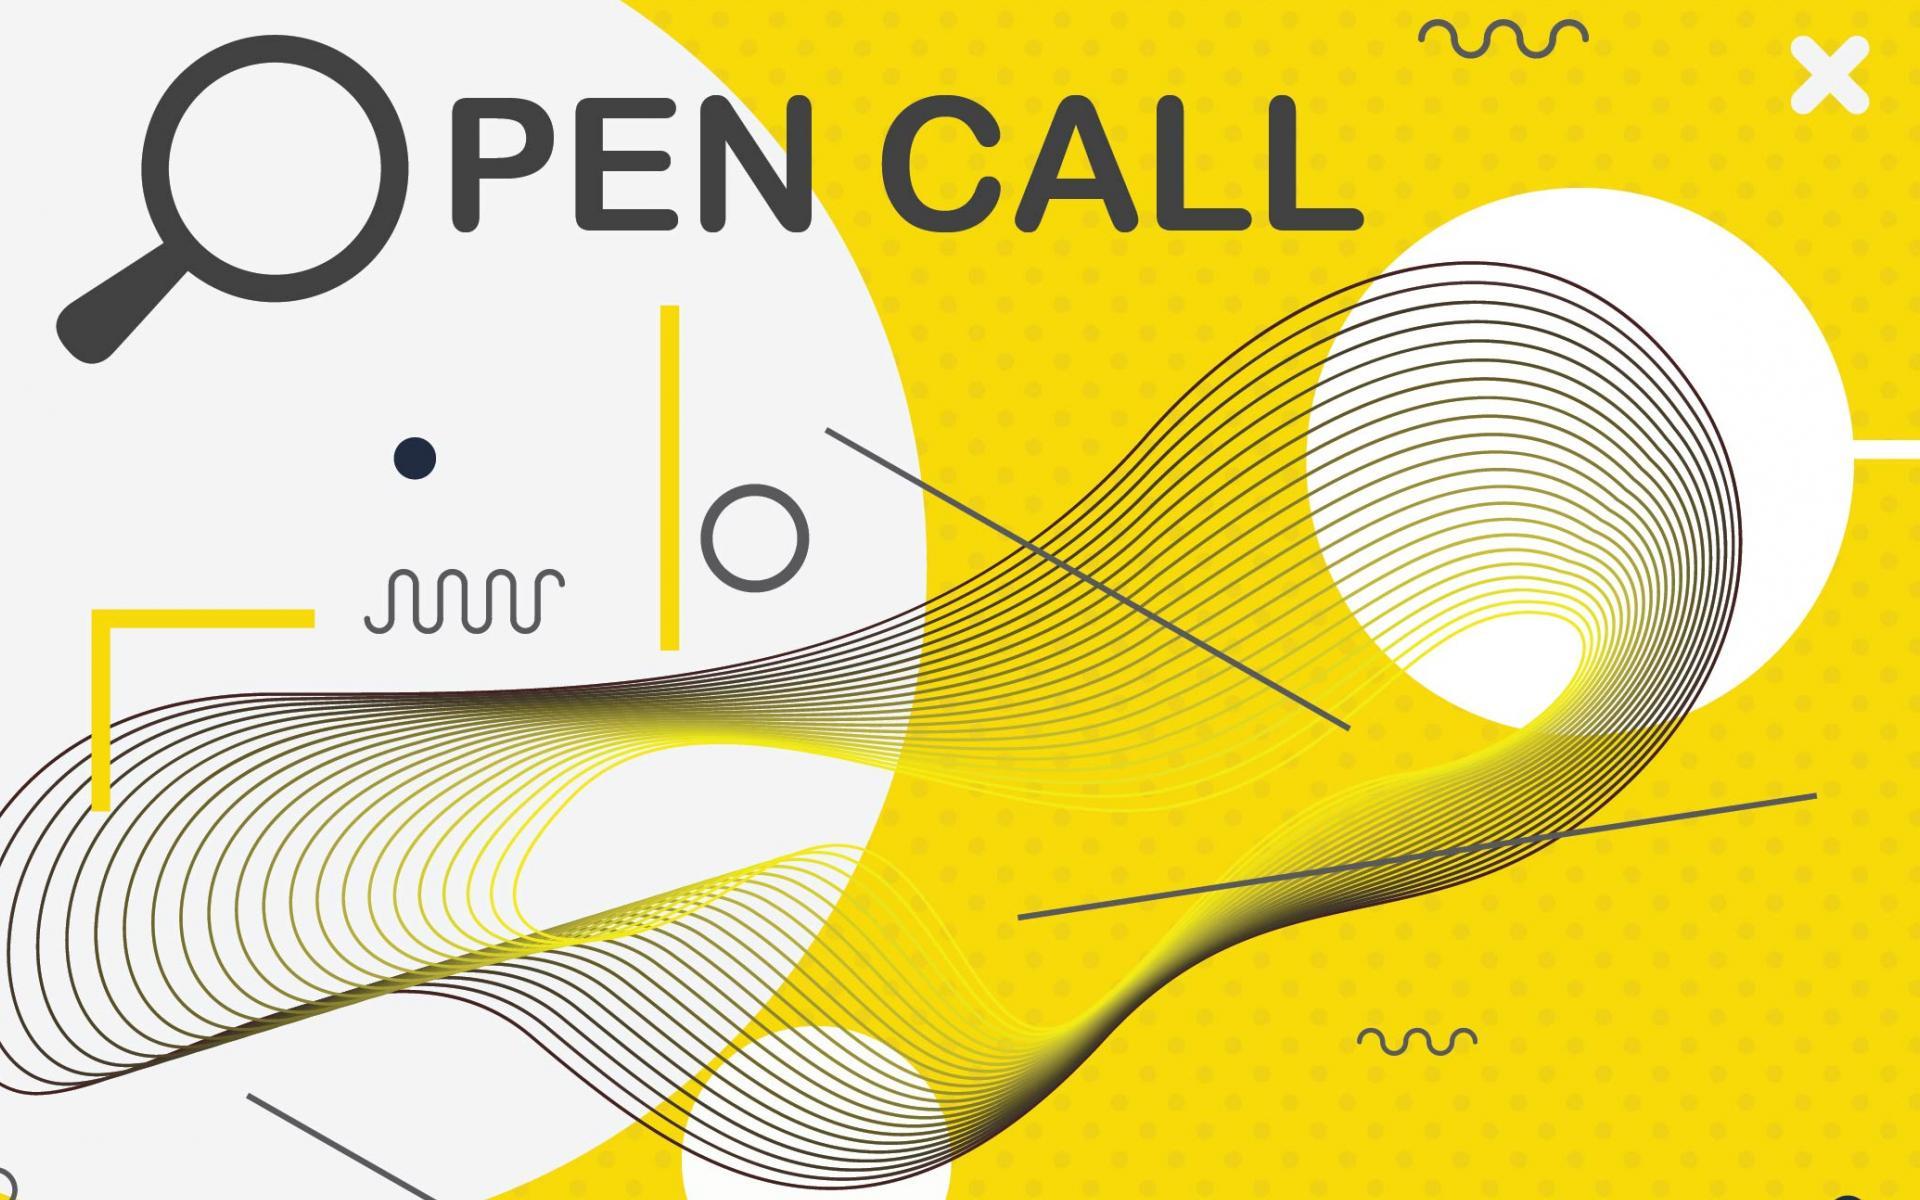 OPEN CALL - MUSIC SHOWCASE GREECE